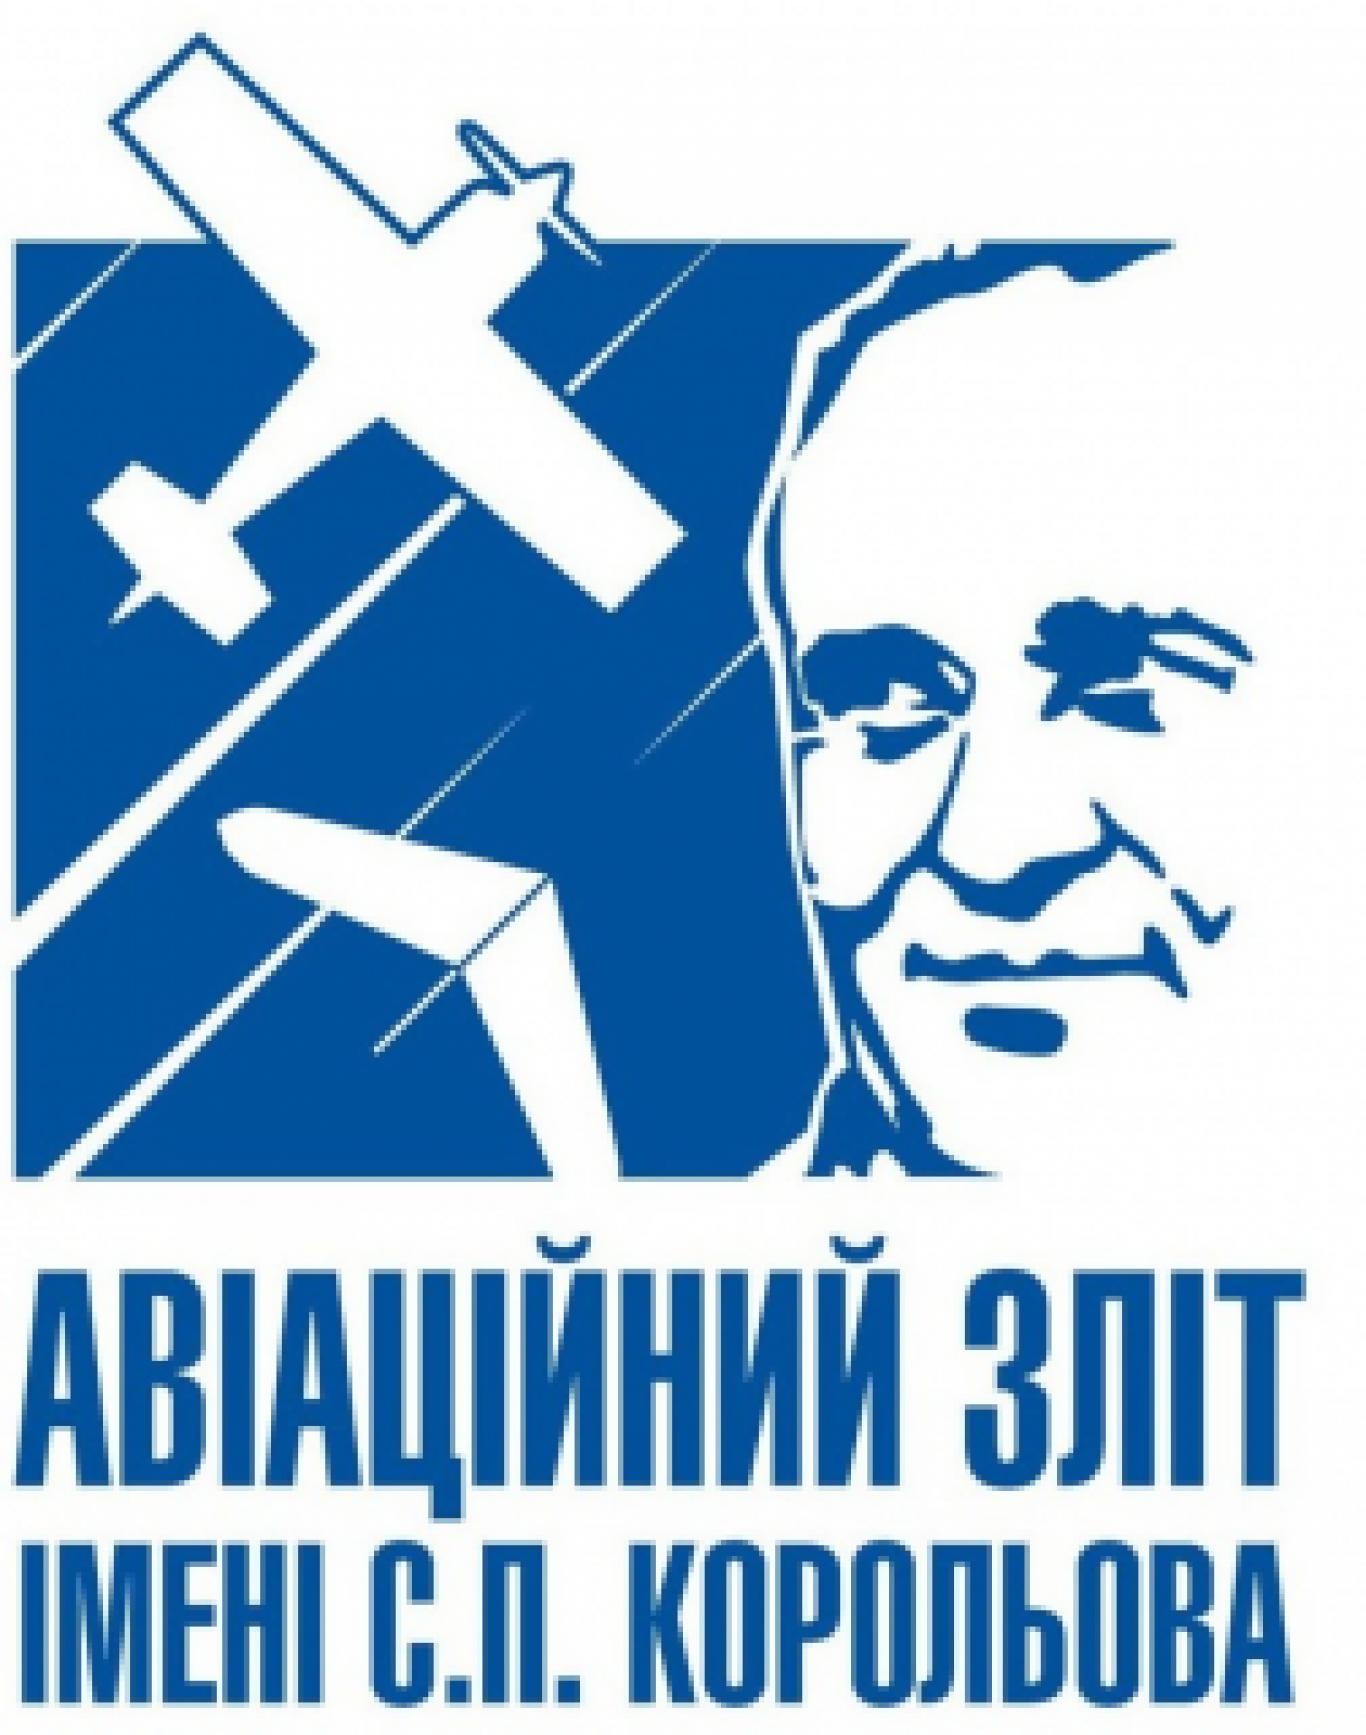 11-ий авіаційний зліт ім. С.П.Корольова